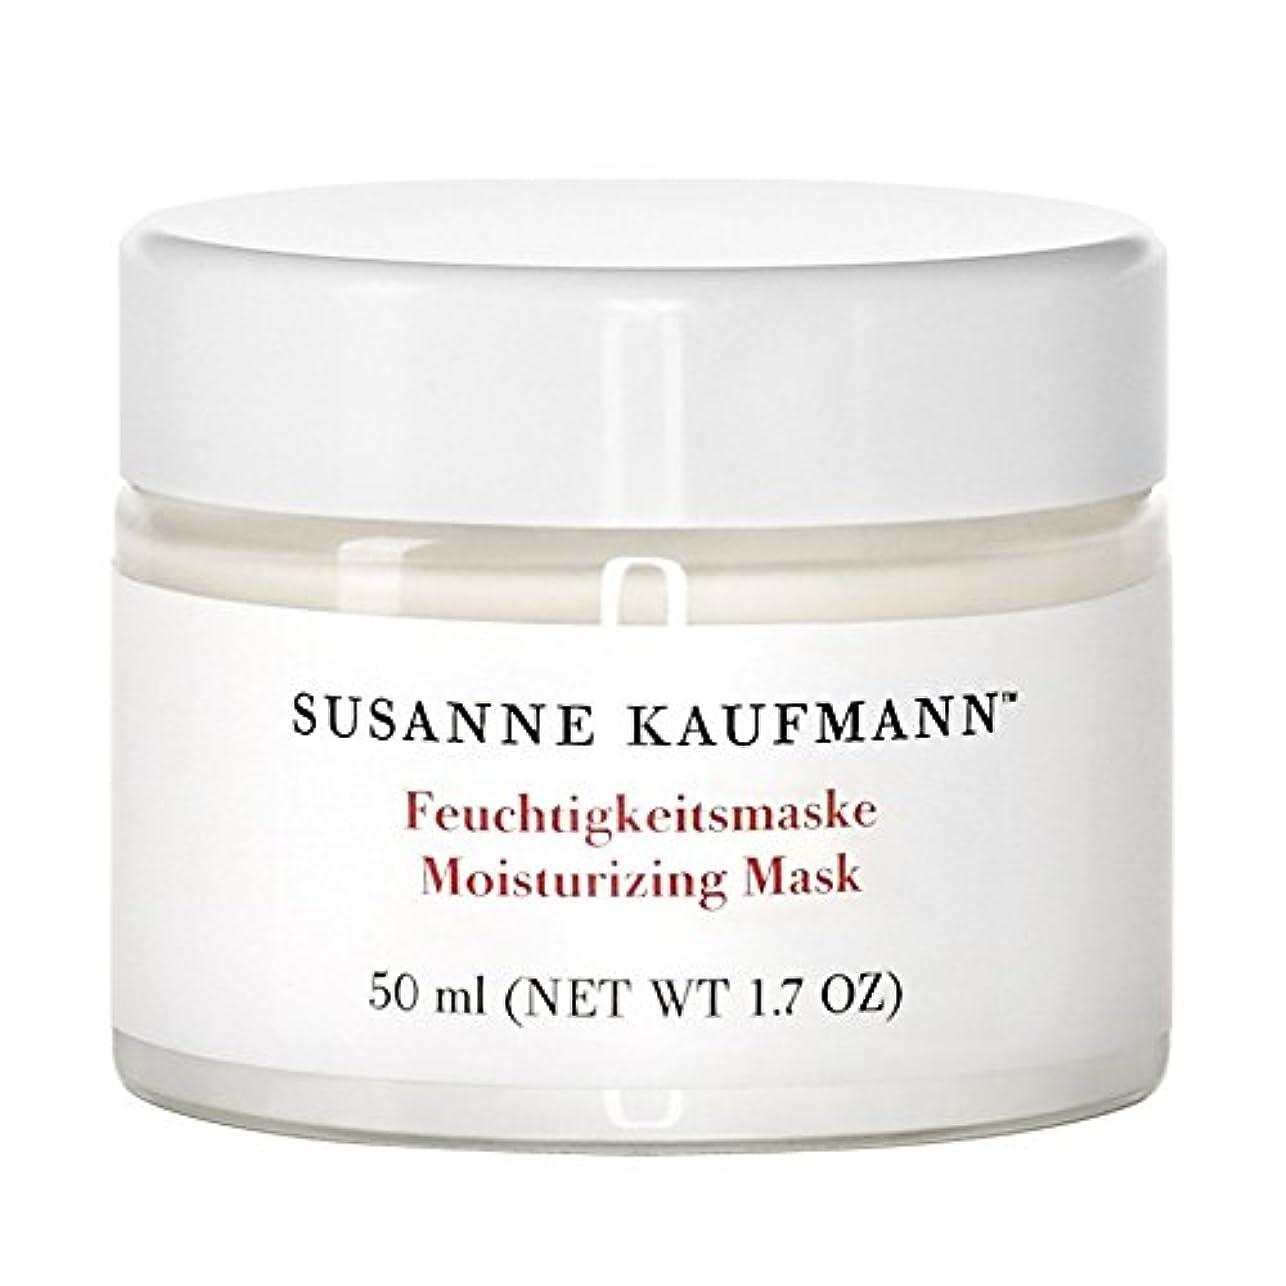 ピアノを弾くどこ無駄だSusanne Kaufmann Moisturising Mask 50ml - スザンヌカウフマン保湿マスク50ミリリットル [並行輸入品]